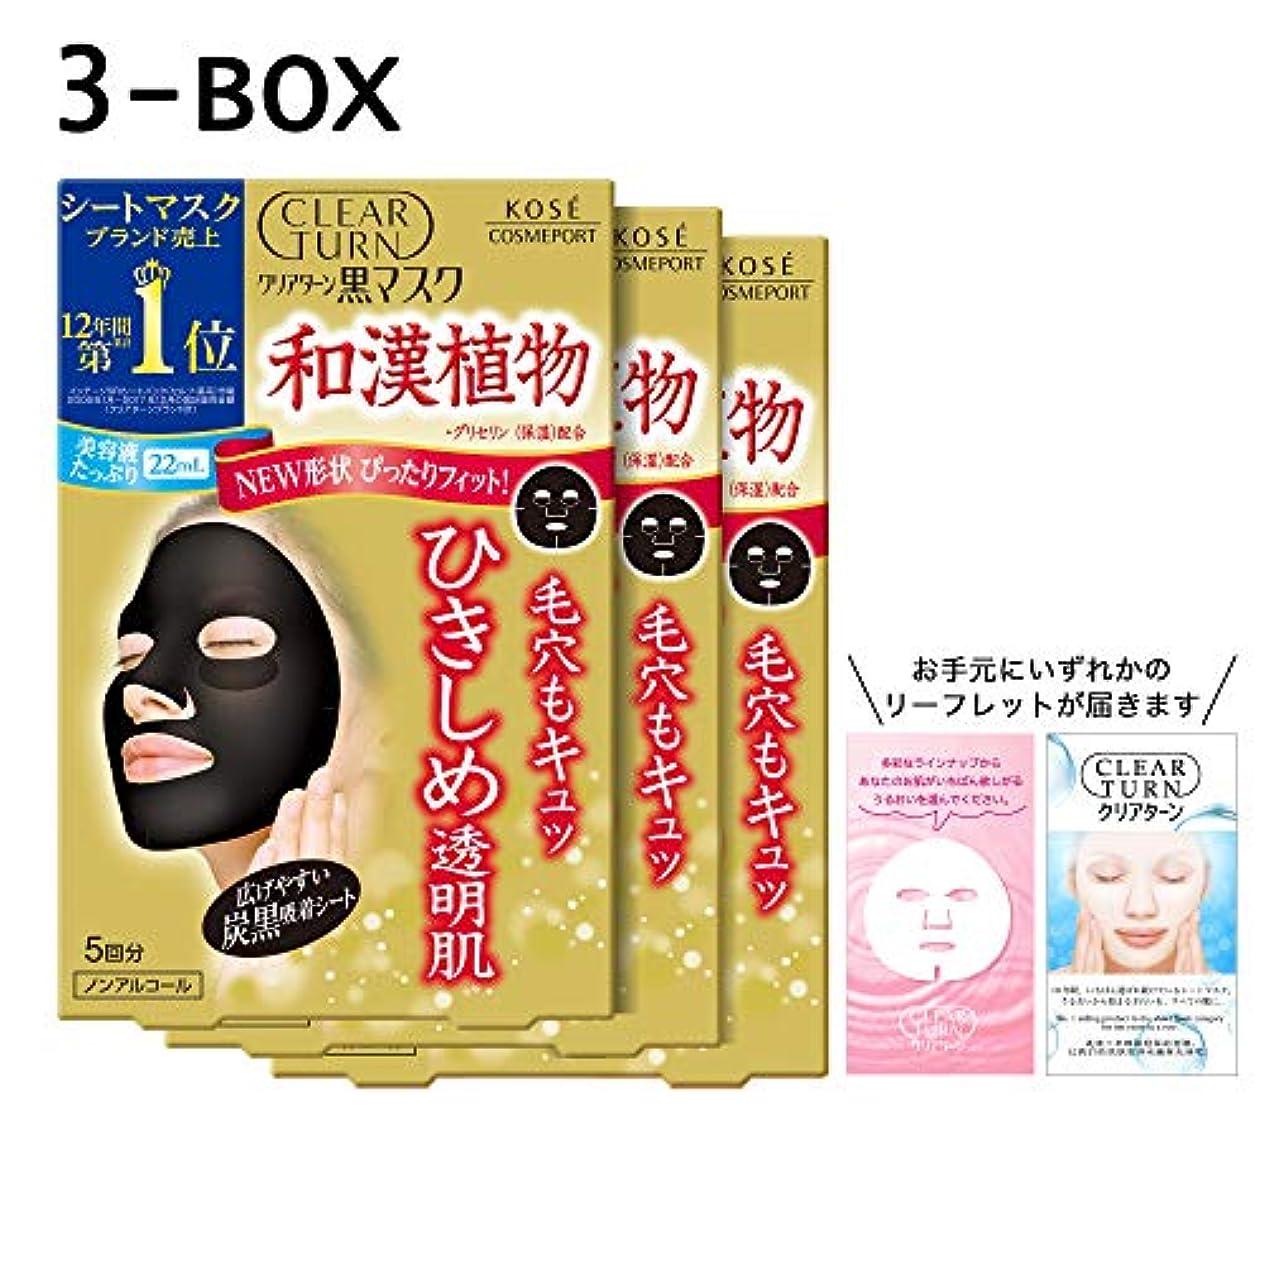 アジア水星選出する【Amazon.co.jp限定】KOSE コーセー クリアターン 黒マスク 5枚 3パック リーフレット付 フェイスマスク